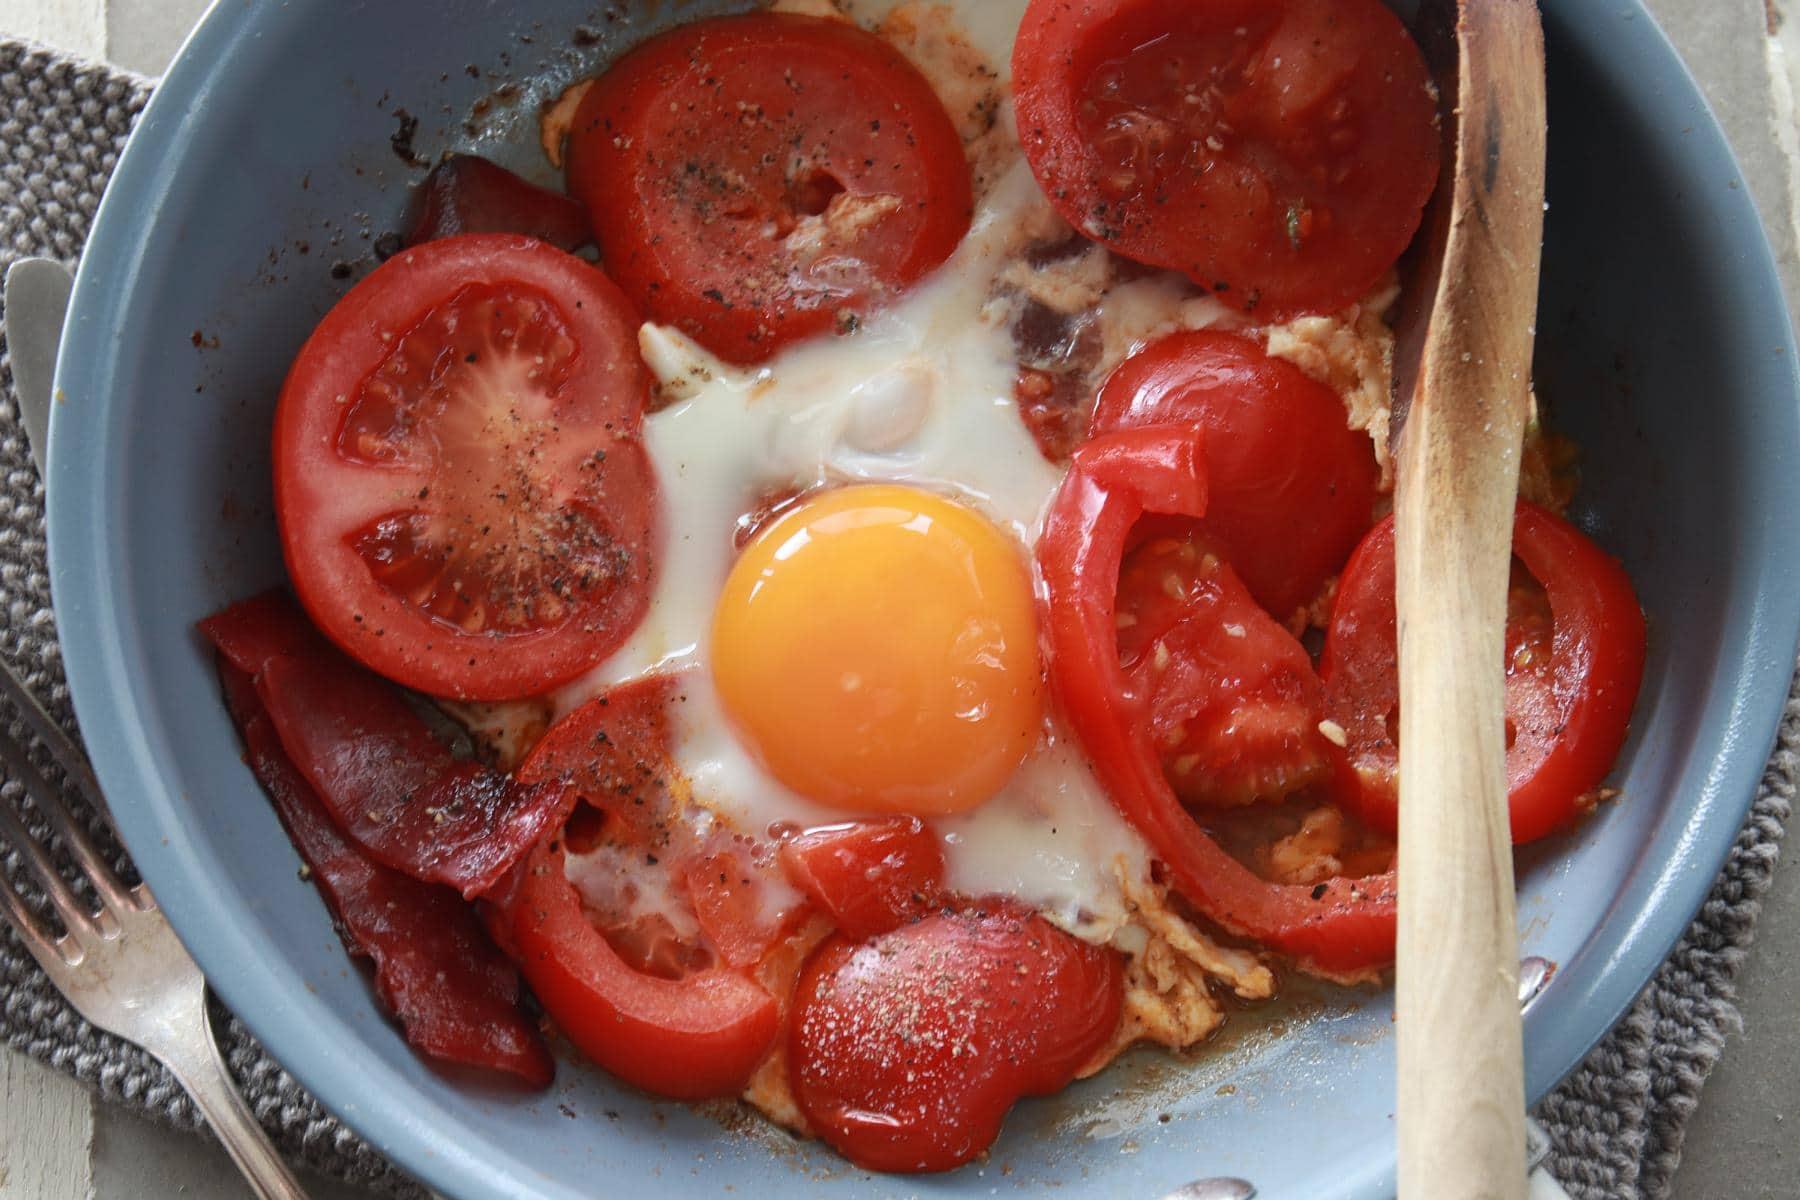 English Breaktfast in der Pfanne, frischer Speck, gebraten zusammen mit frischen Tomaten und Ei. © Copyright Bettina Katscher 2019